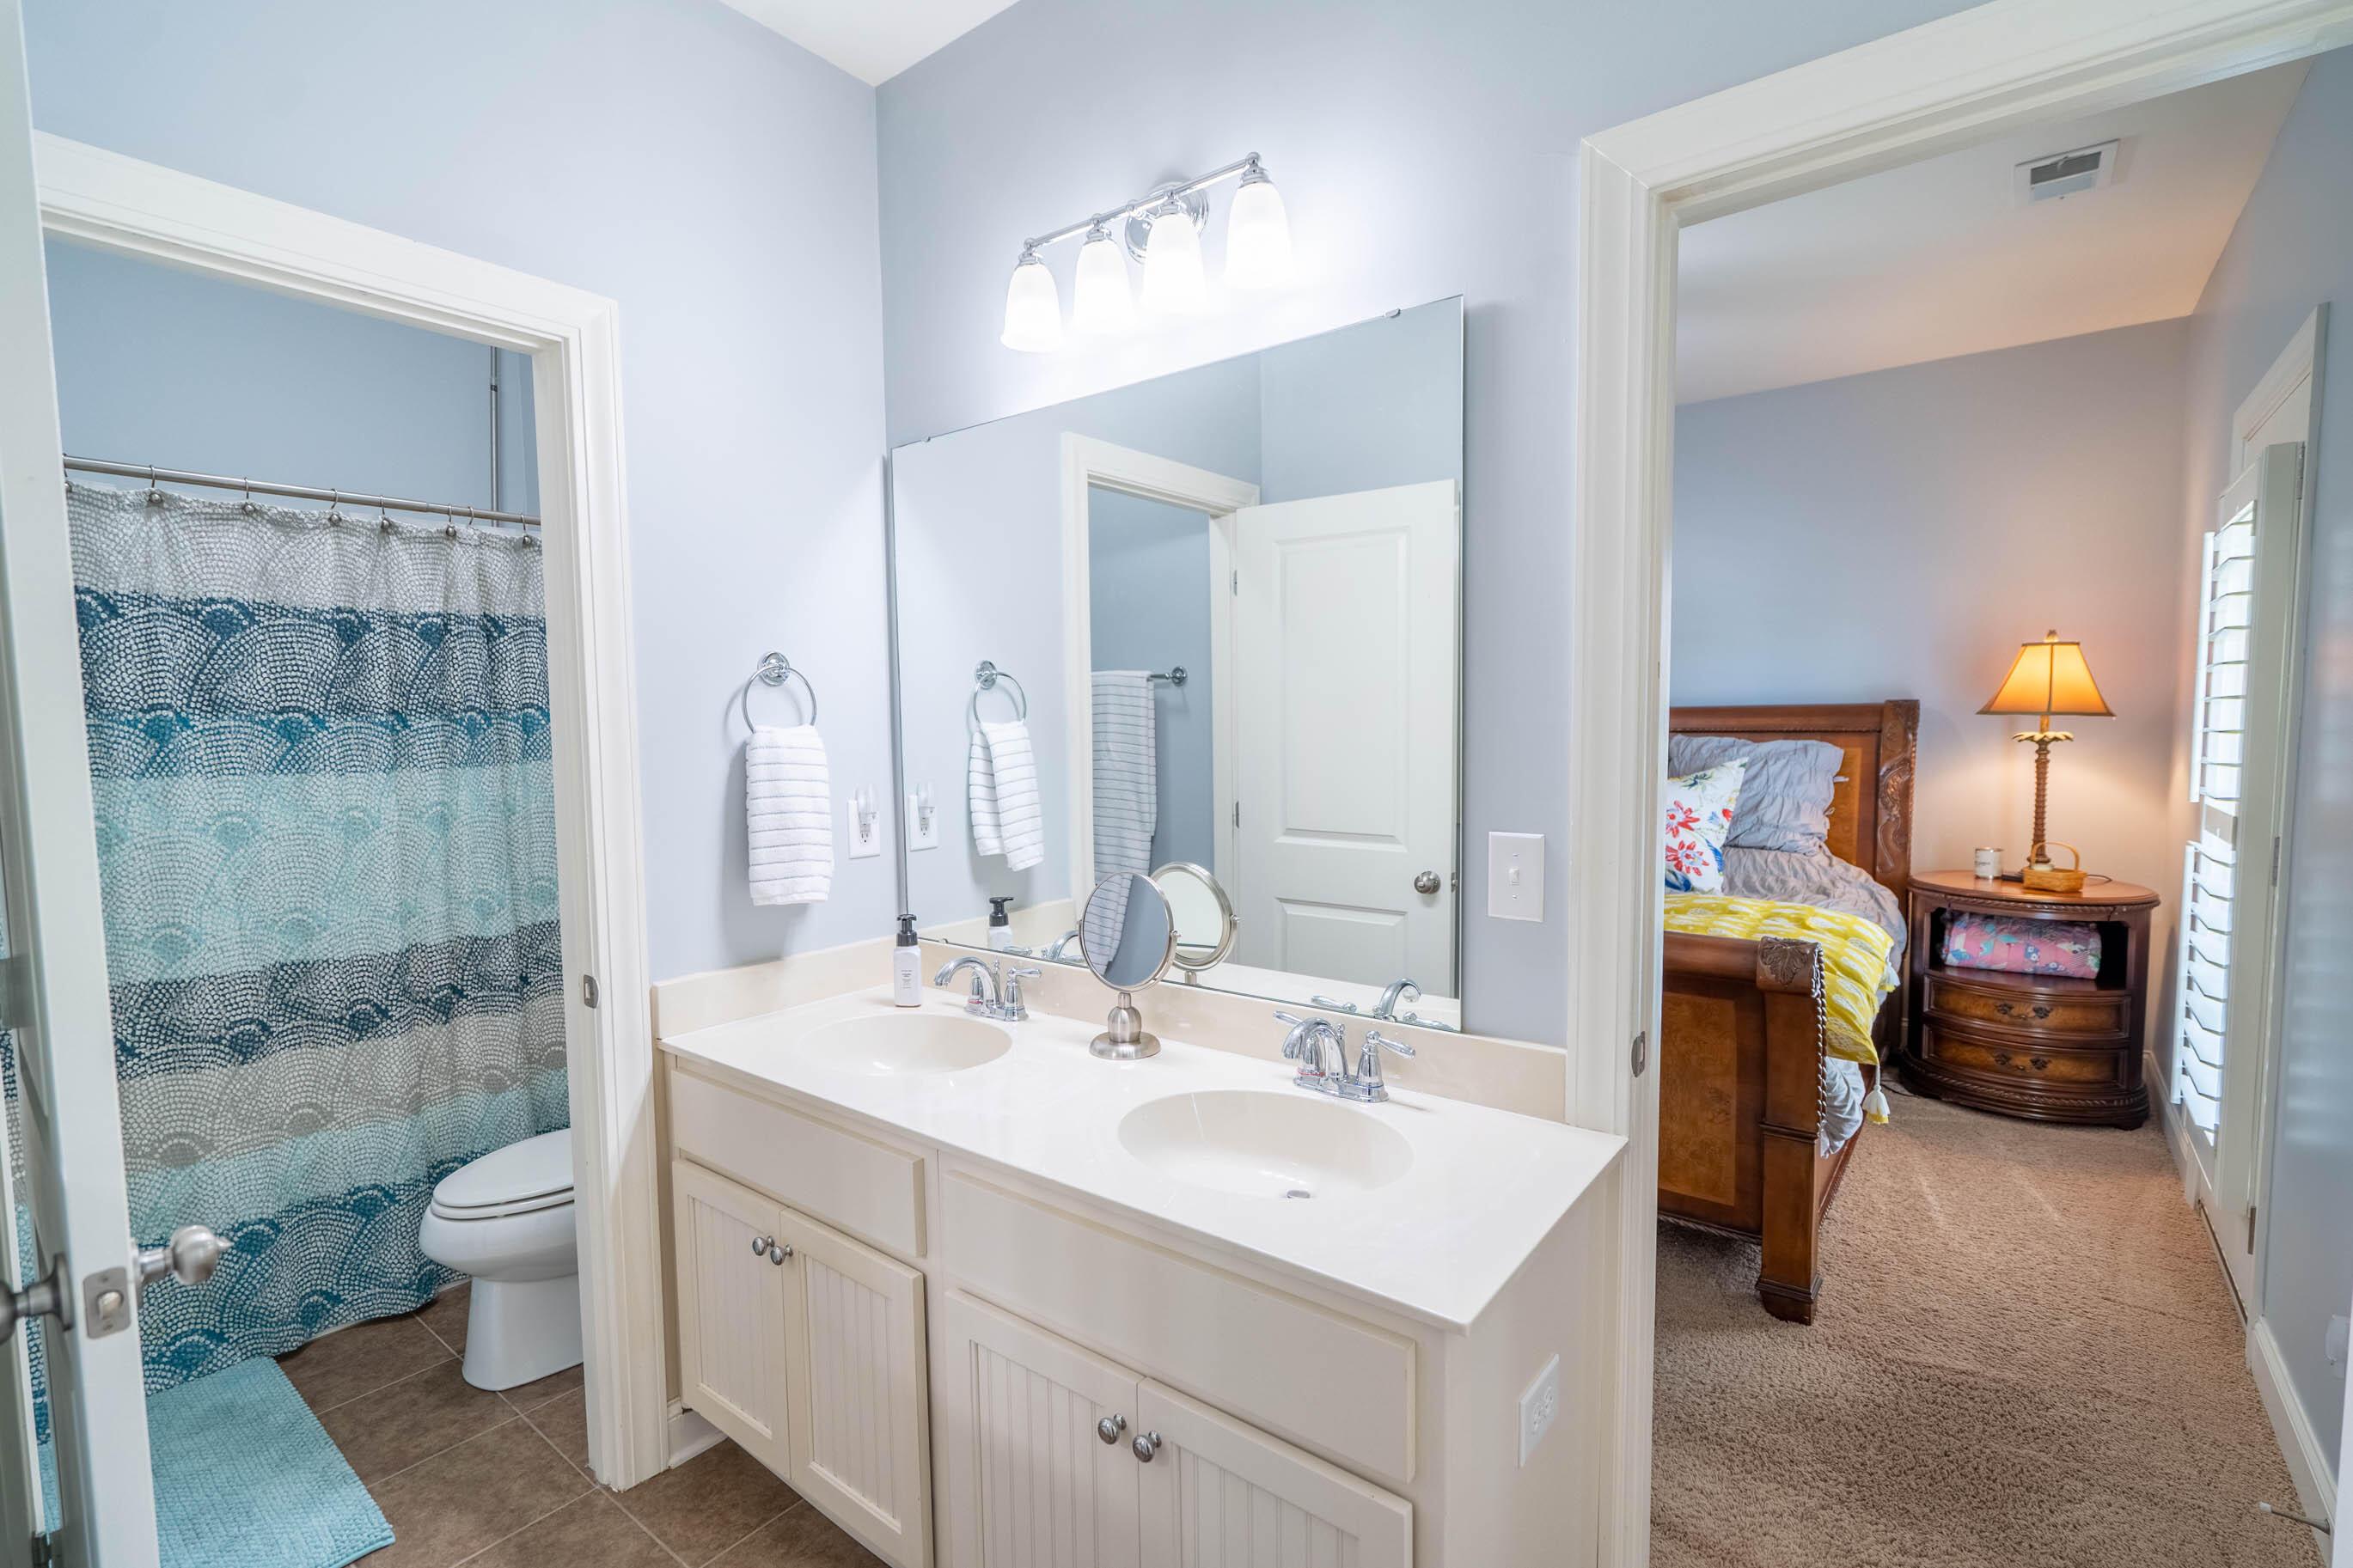 Dunes West Homes For Sale - 2997 Sturbridge, Mount Pleasant, SC - 39